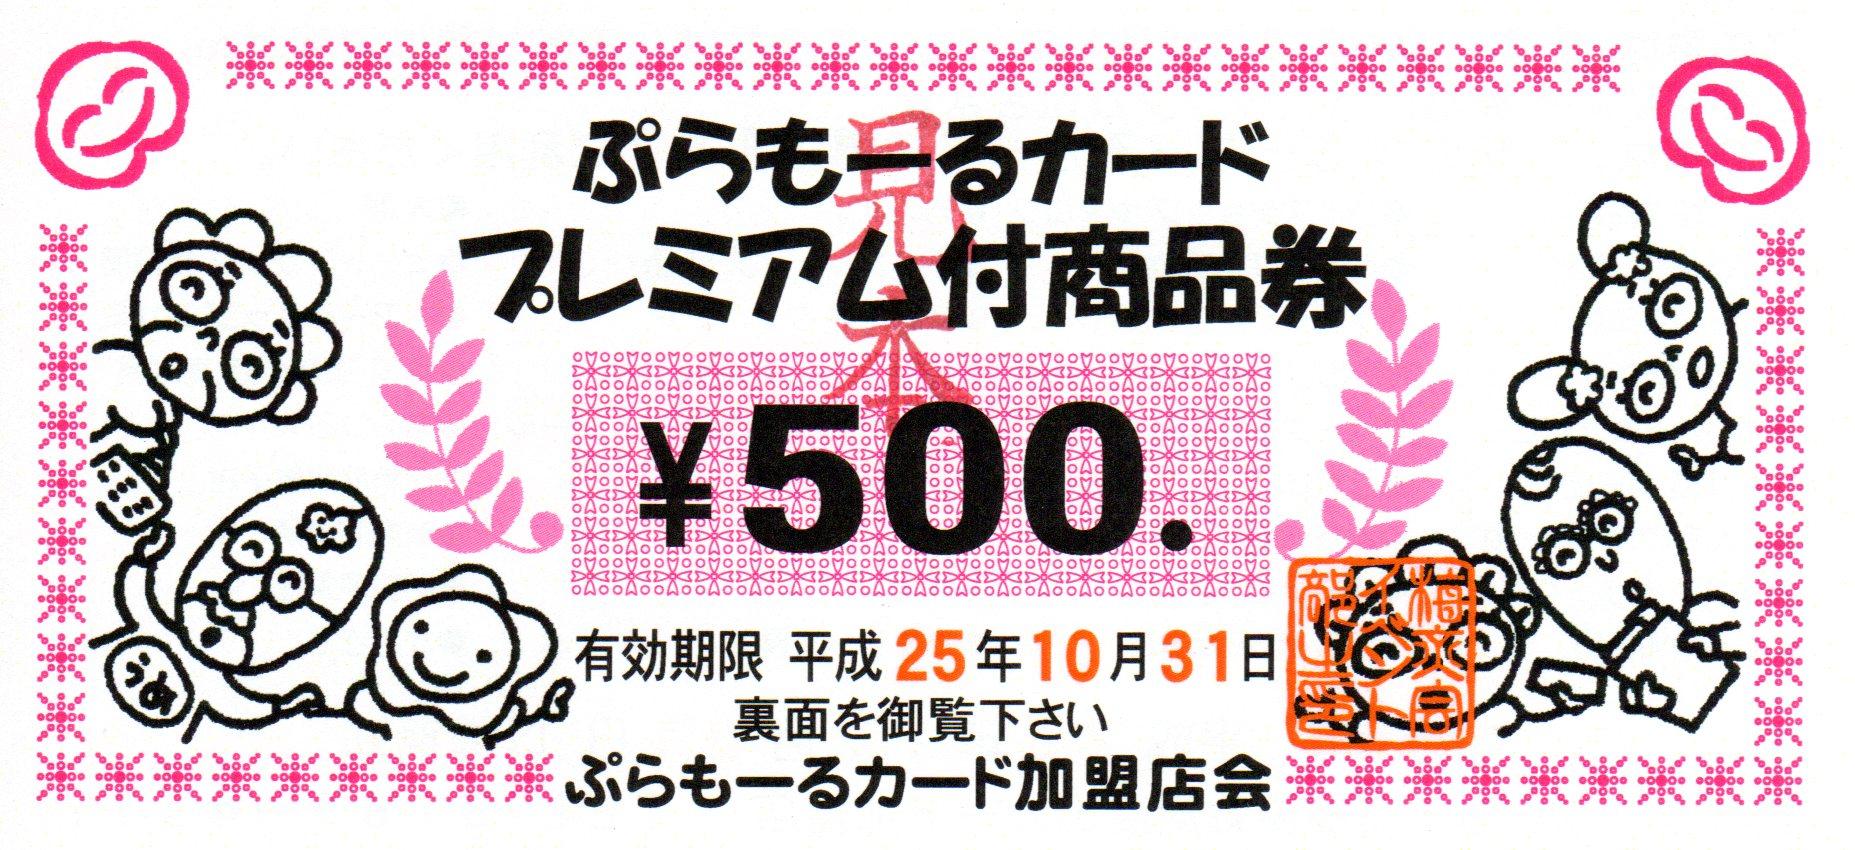 2013-9カード商品券